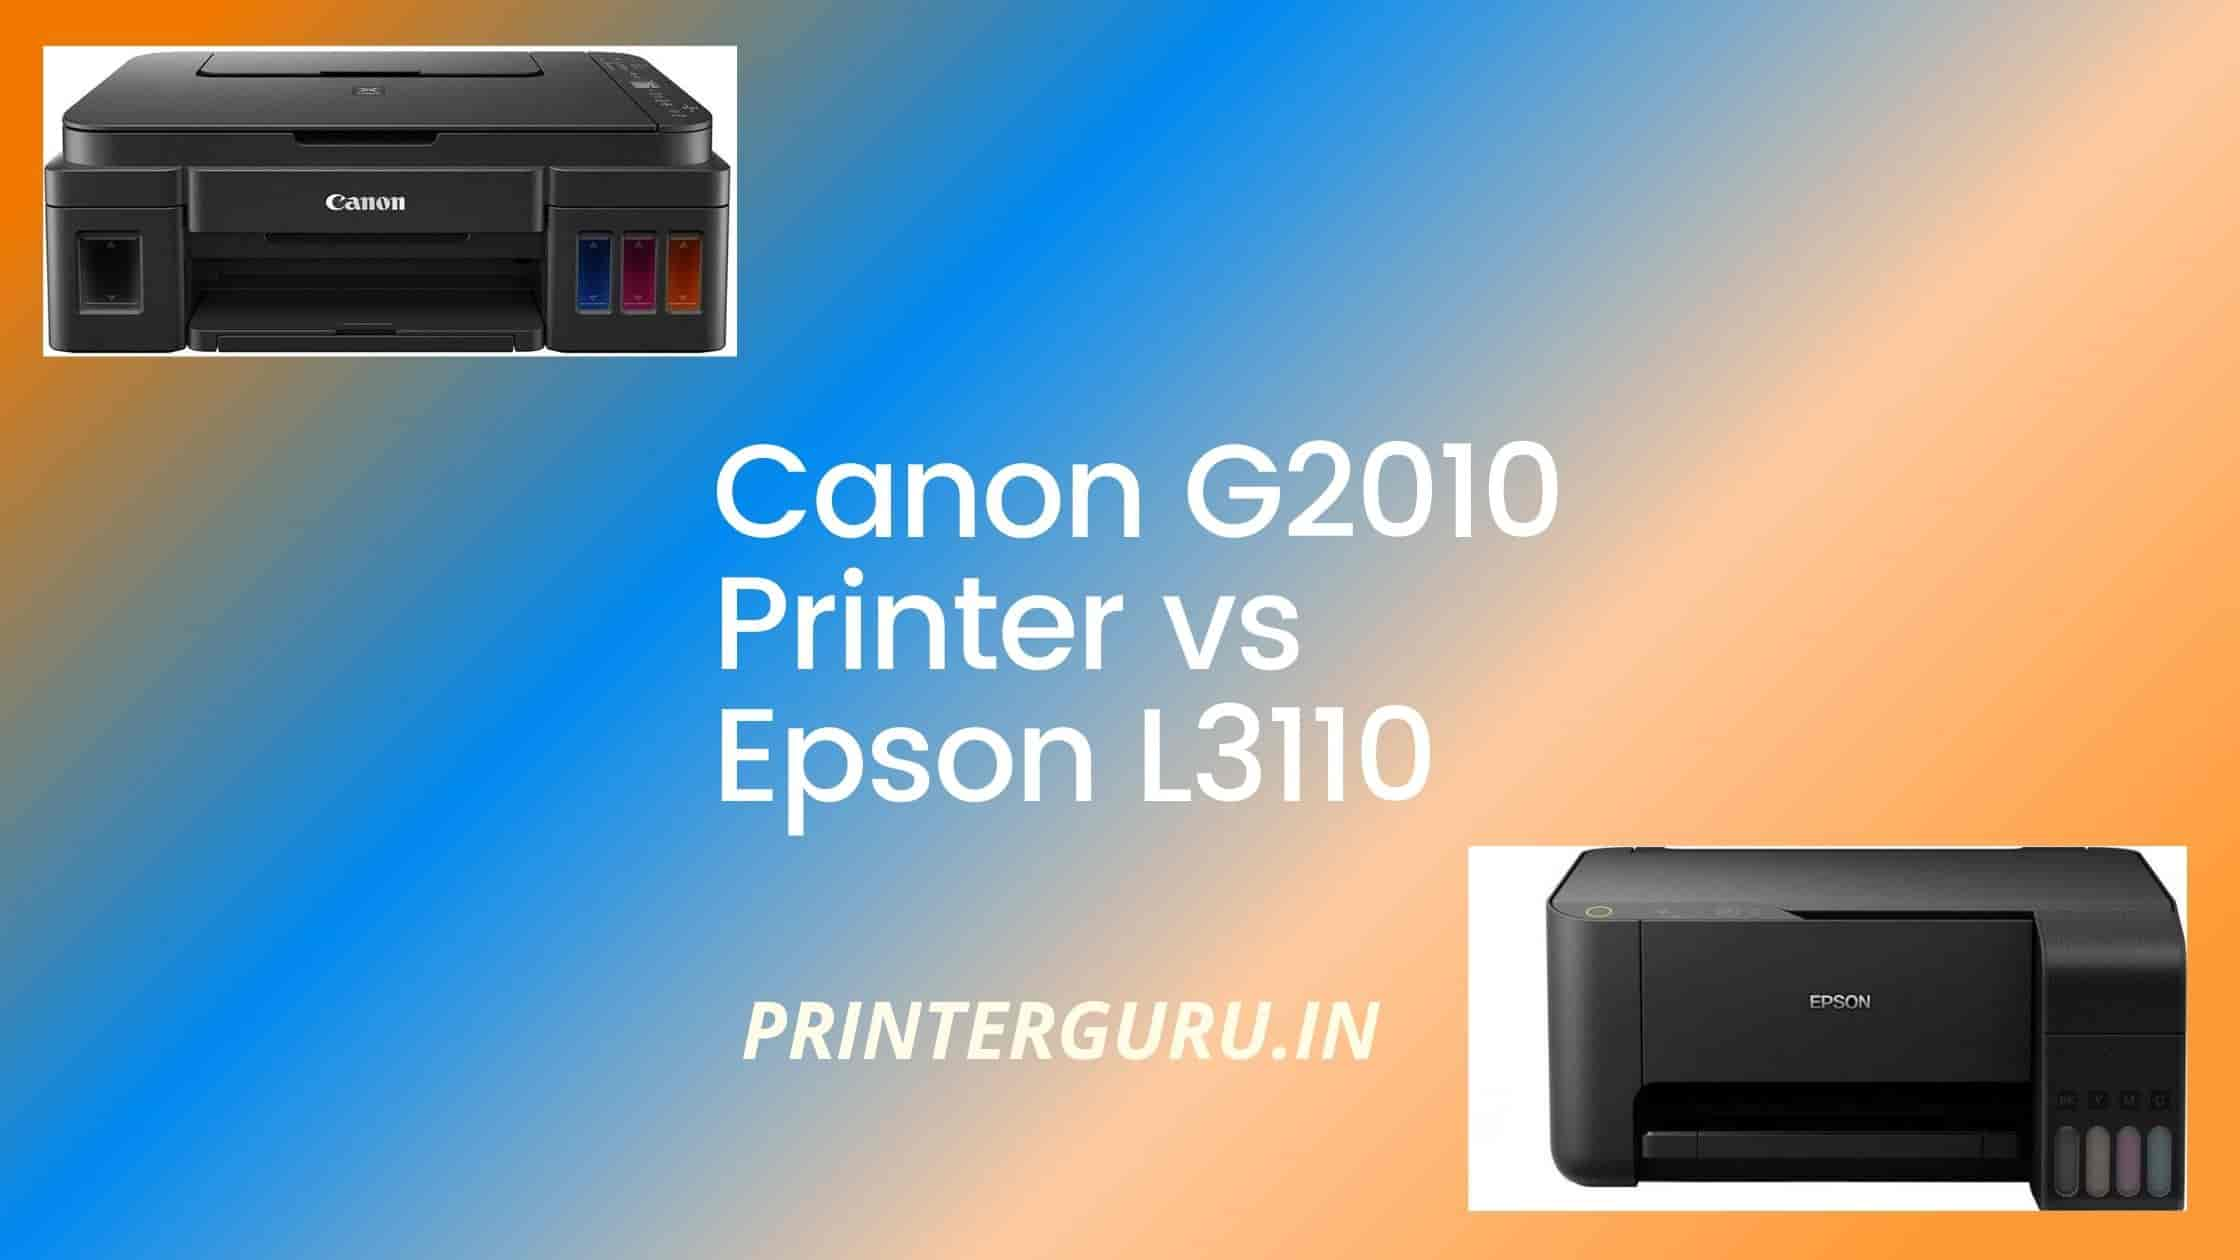 Canon G2010 vs Epson L3110